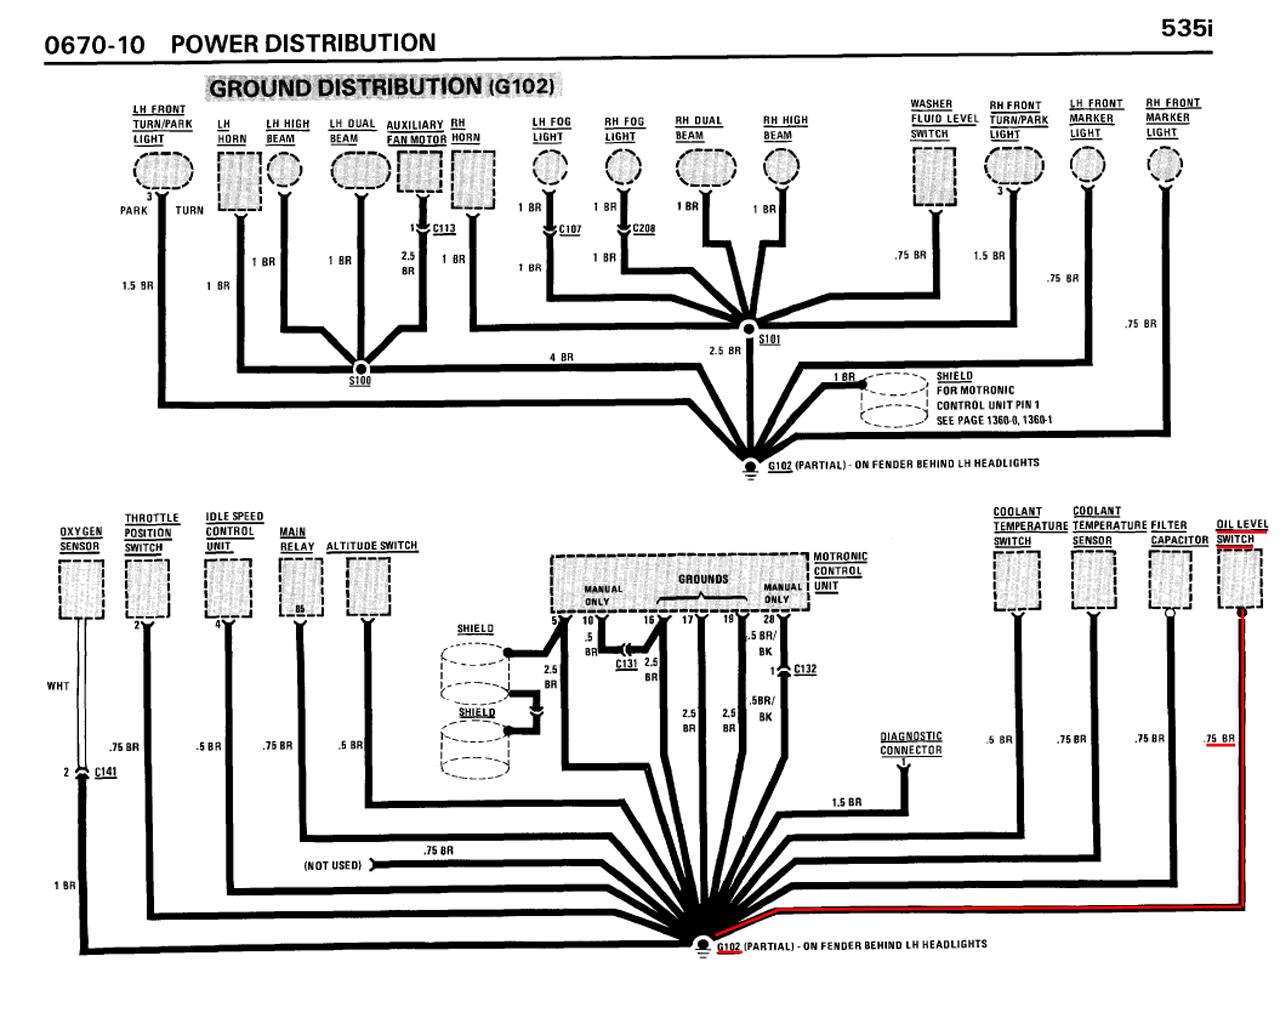 oil level sensor wiring diagram